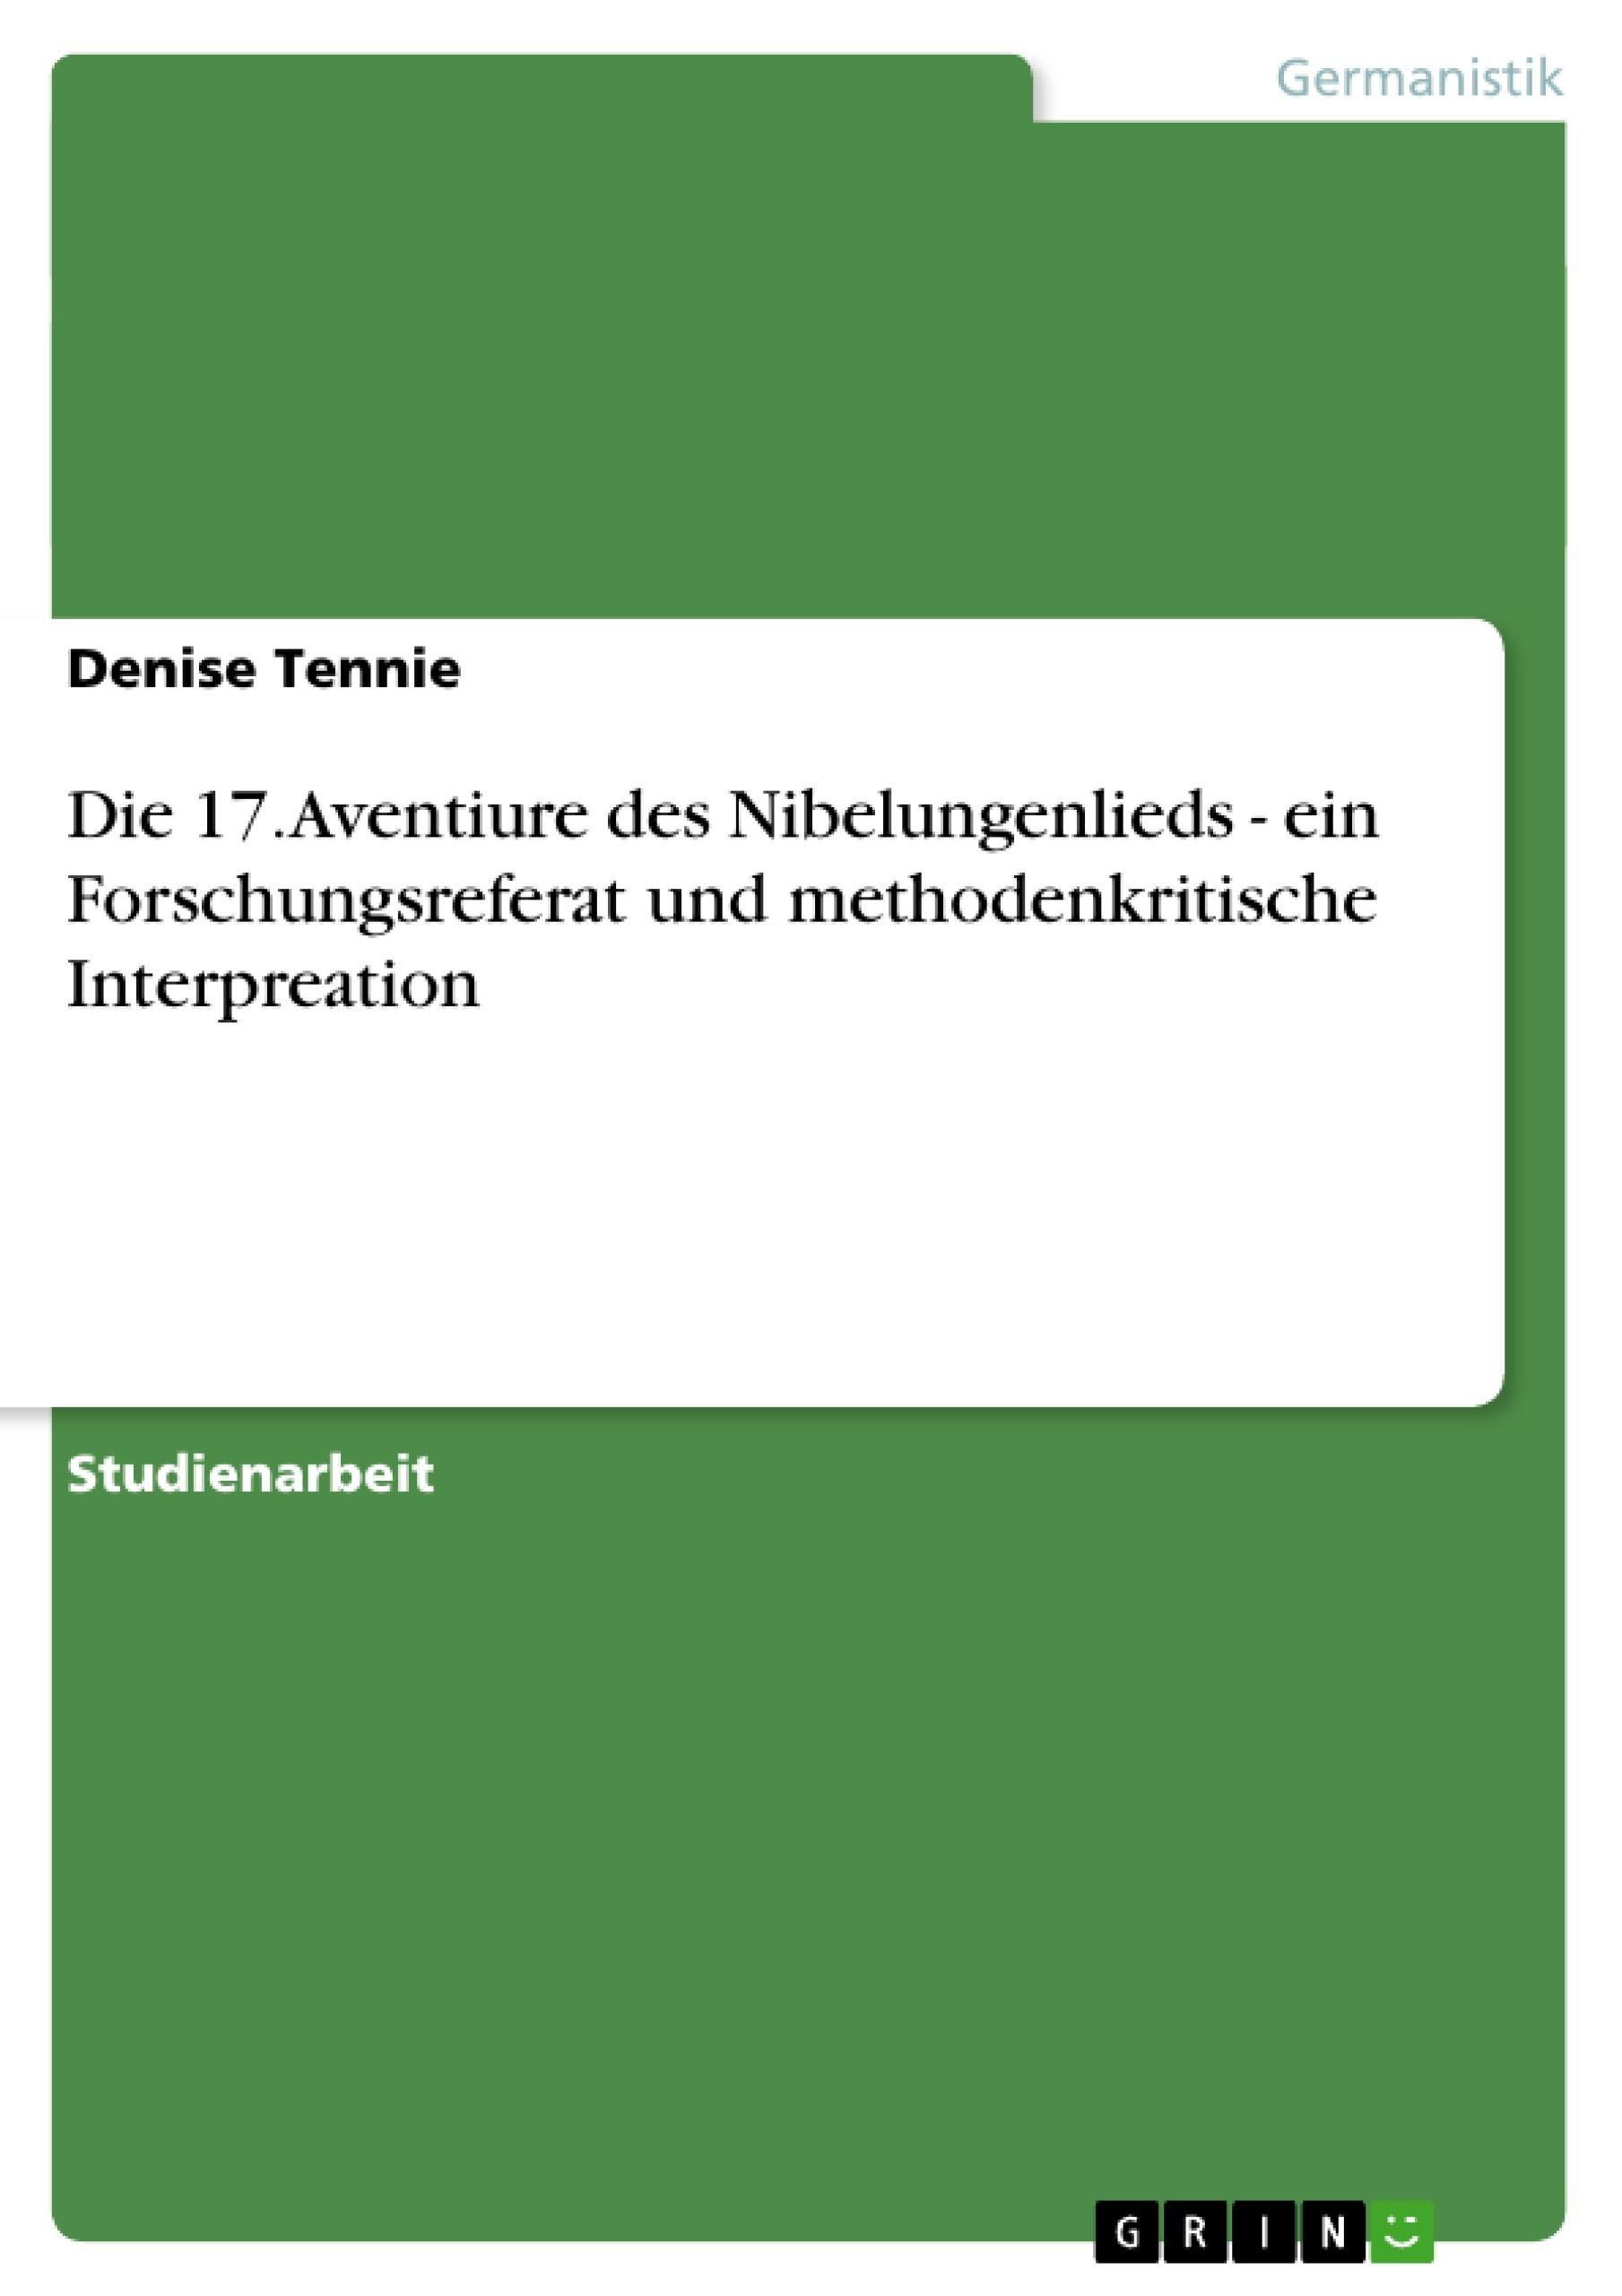 Titel: Die 17. Aventiure des Nibelungenlieds - ein Forschungsreferat und methodenkritische Interpreation